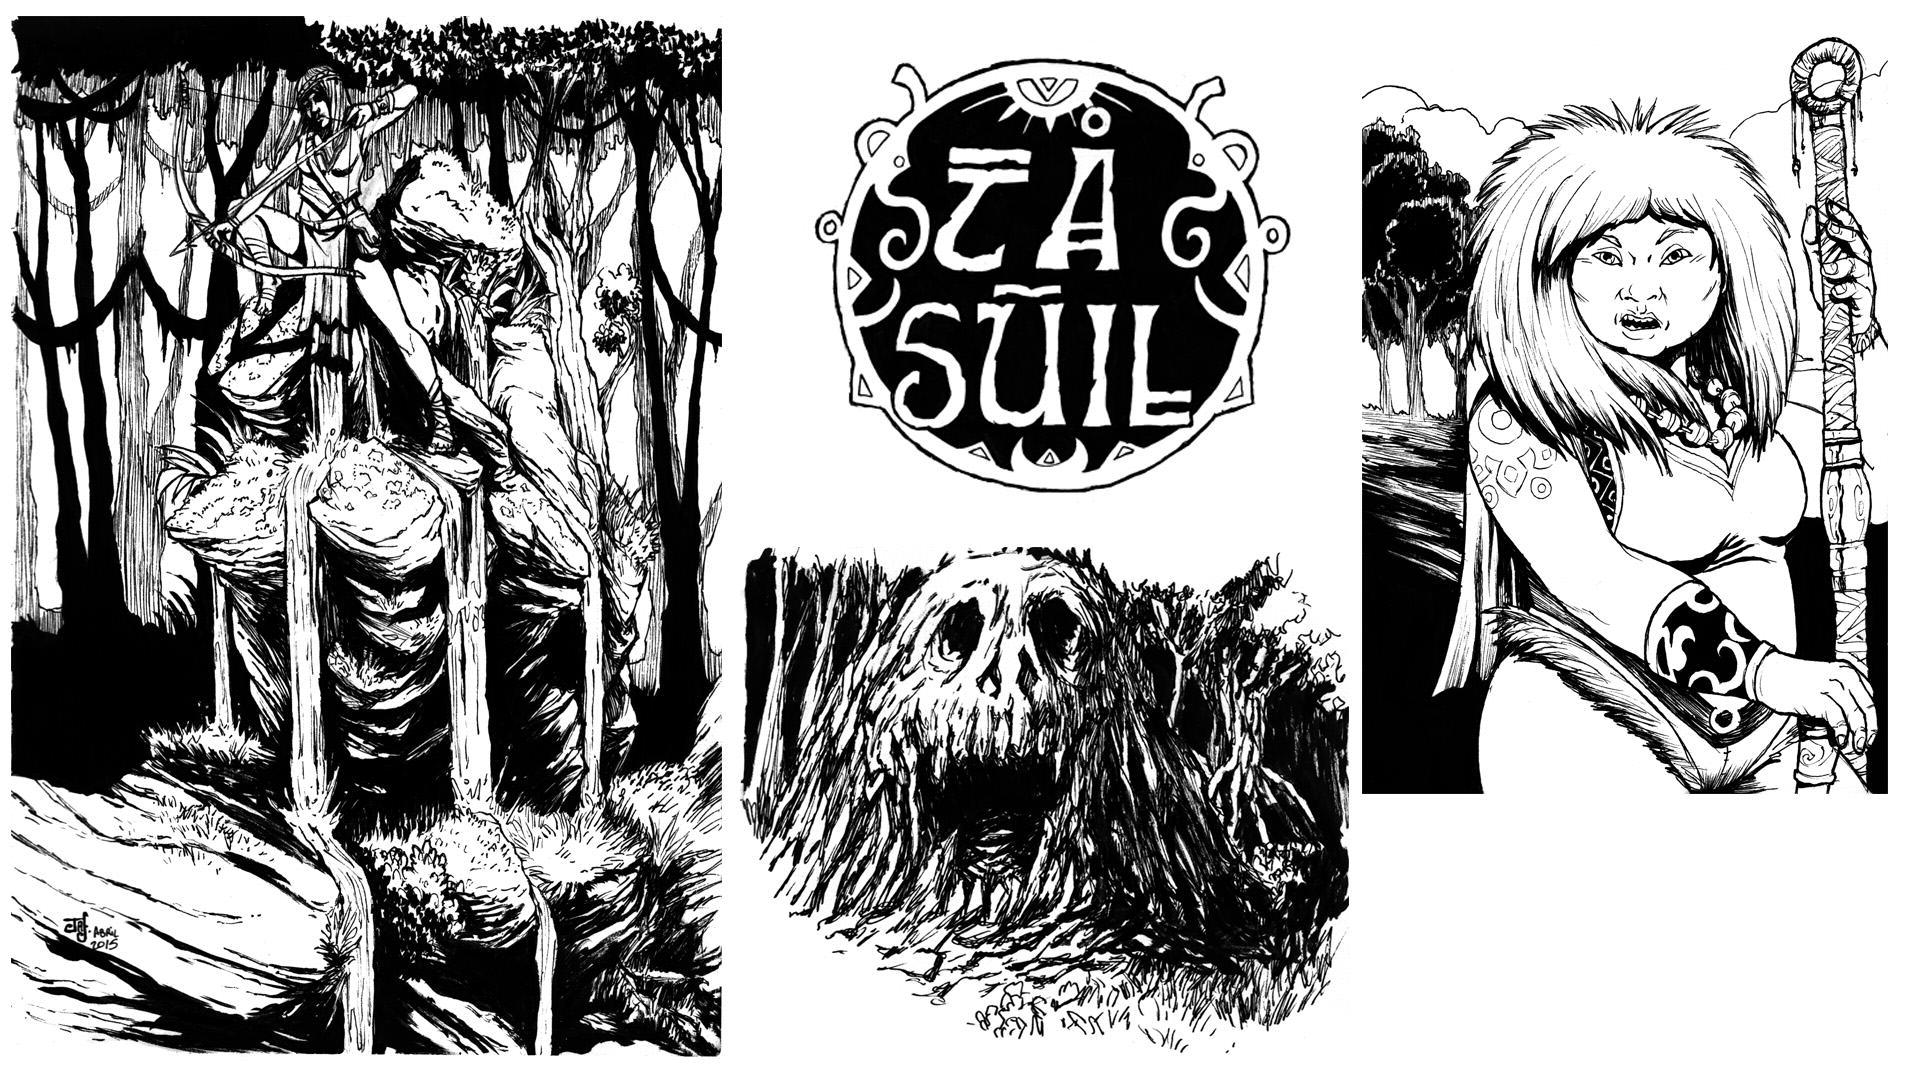 Ta_Suil_artbook 5